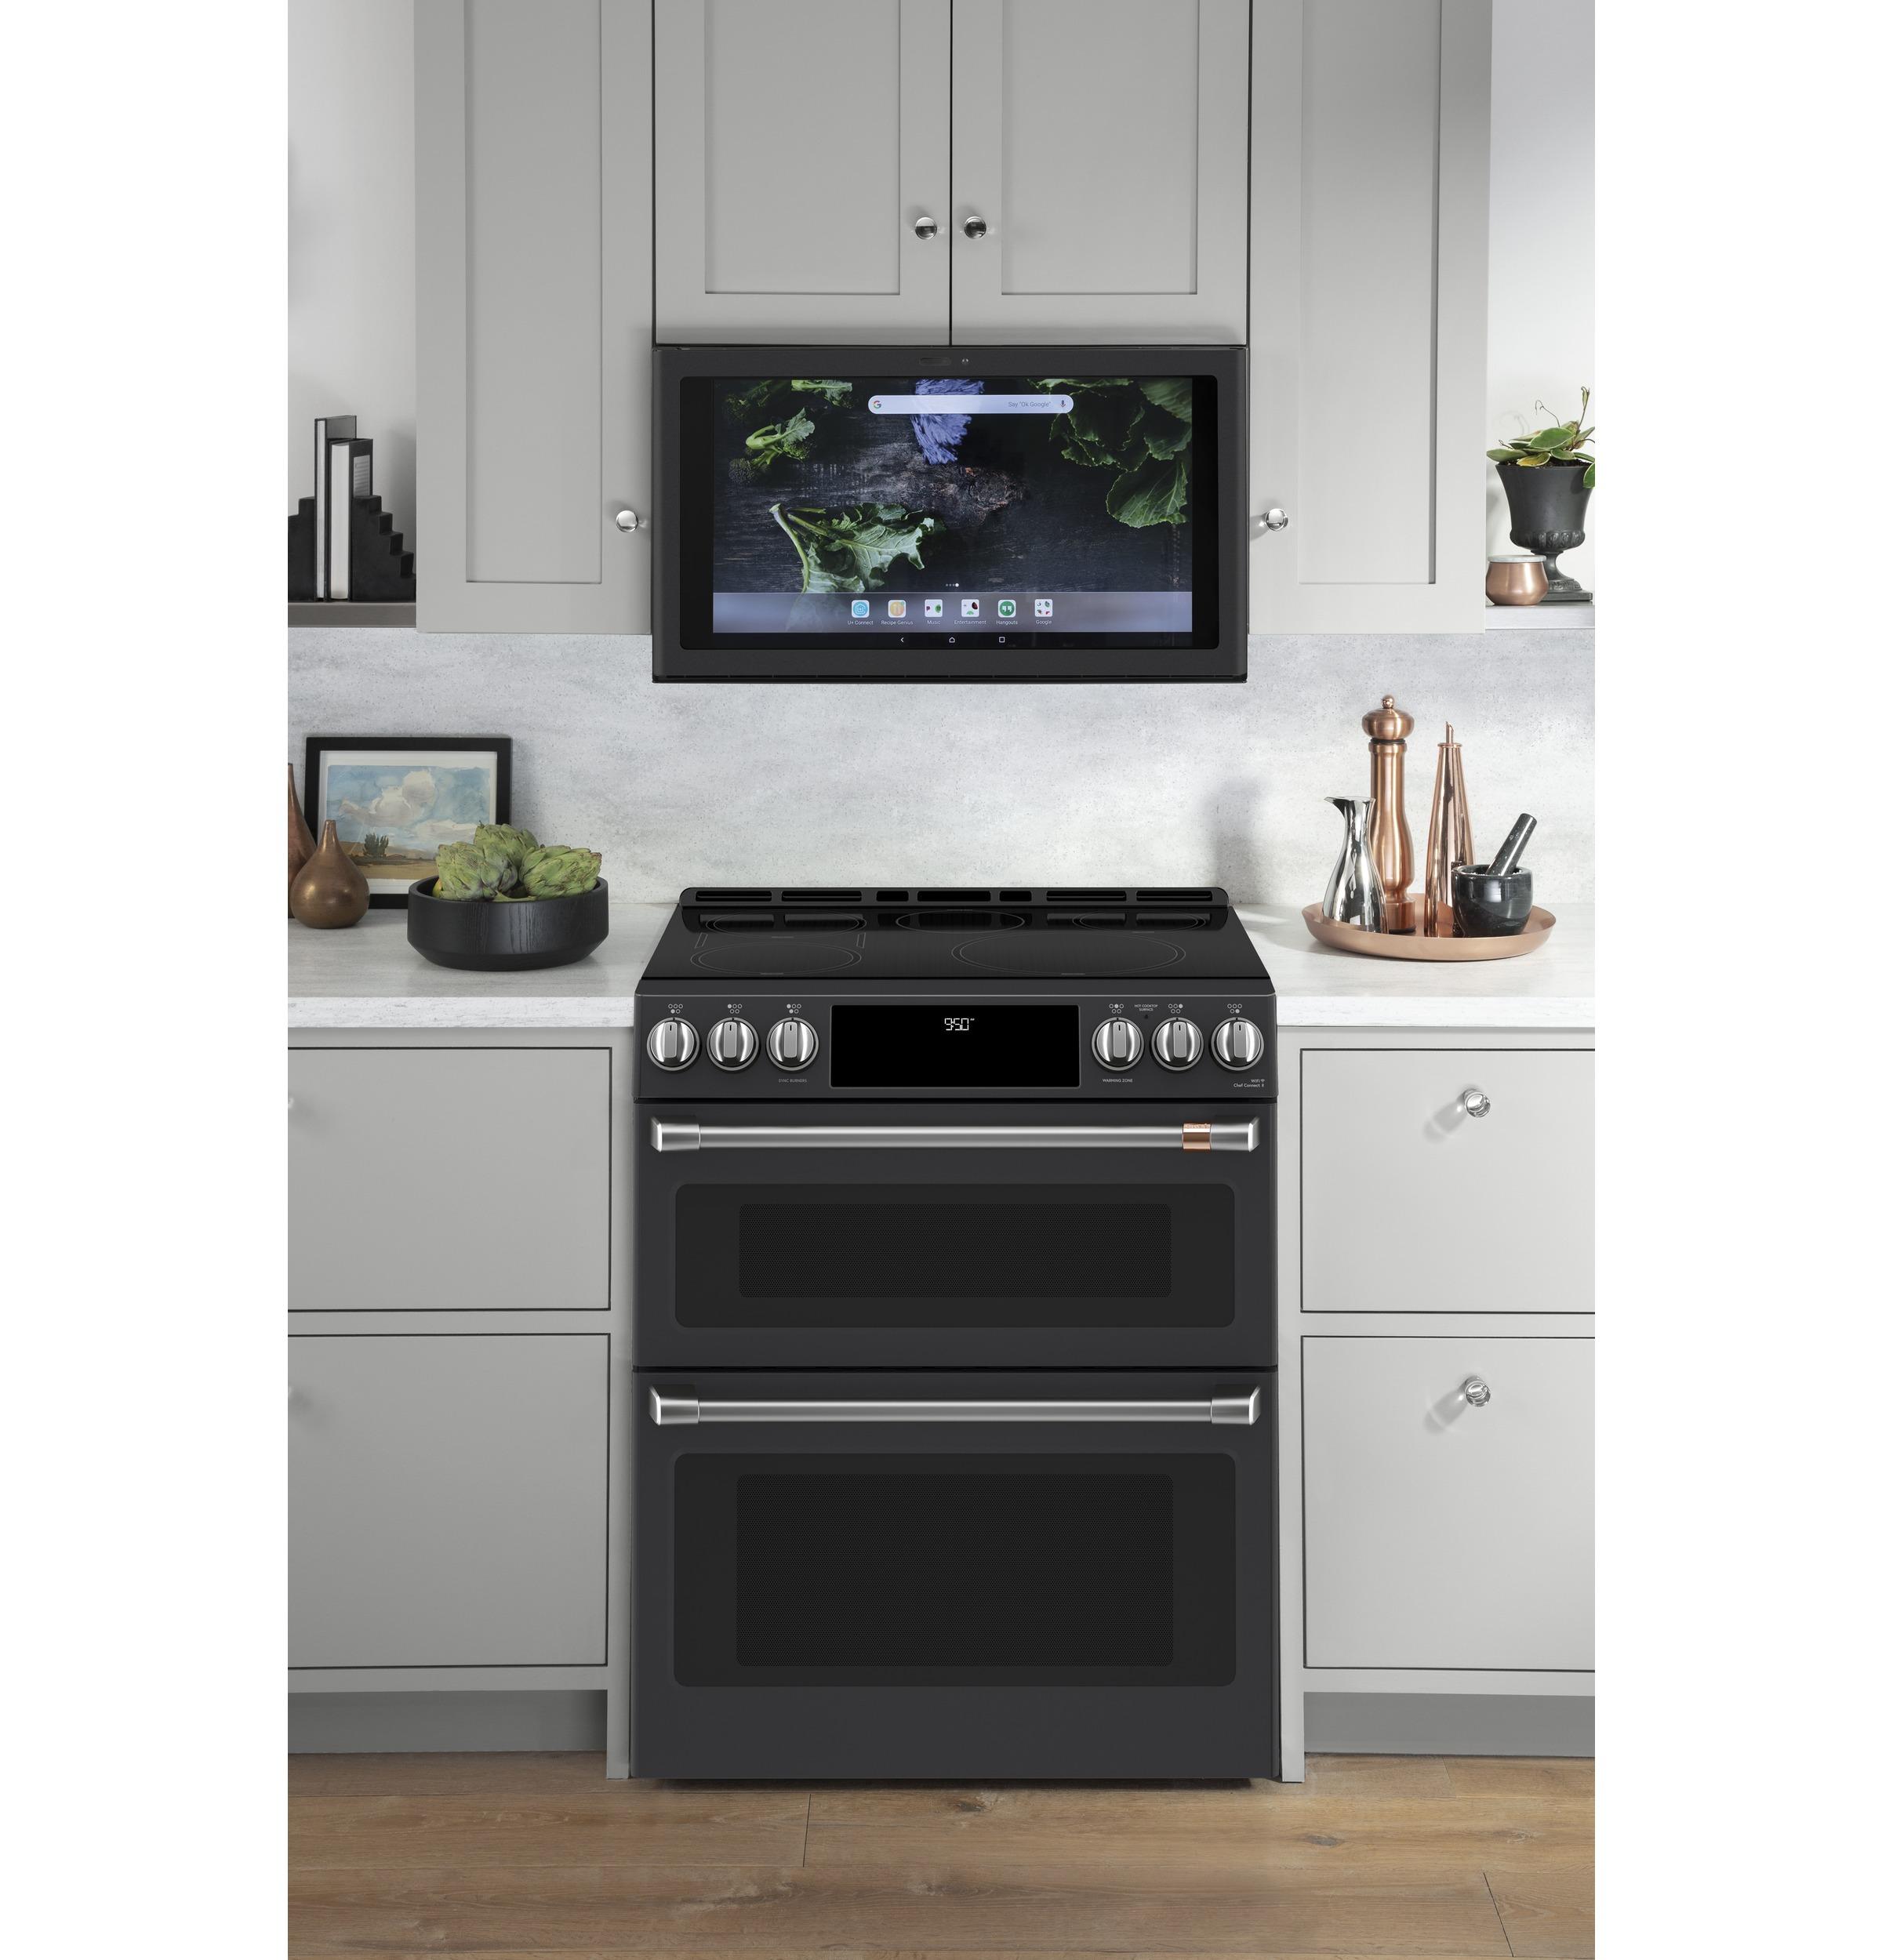 Model: UVH13013MDS | Cafe Kitchen Hub Smart Home Center